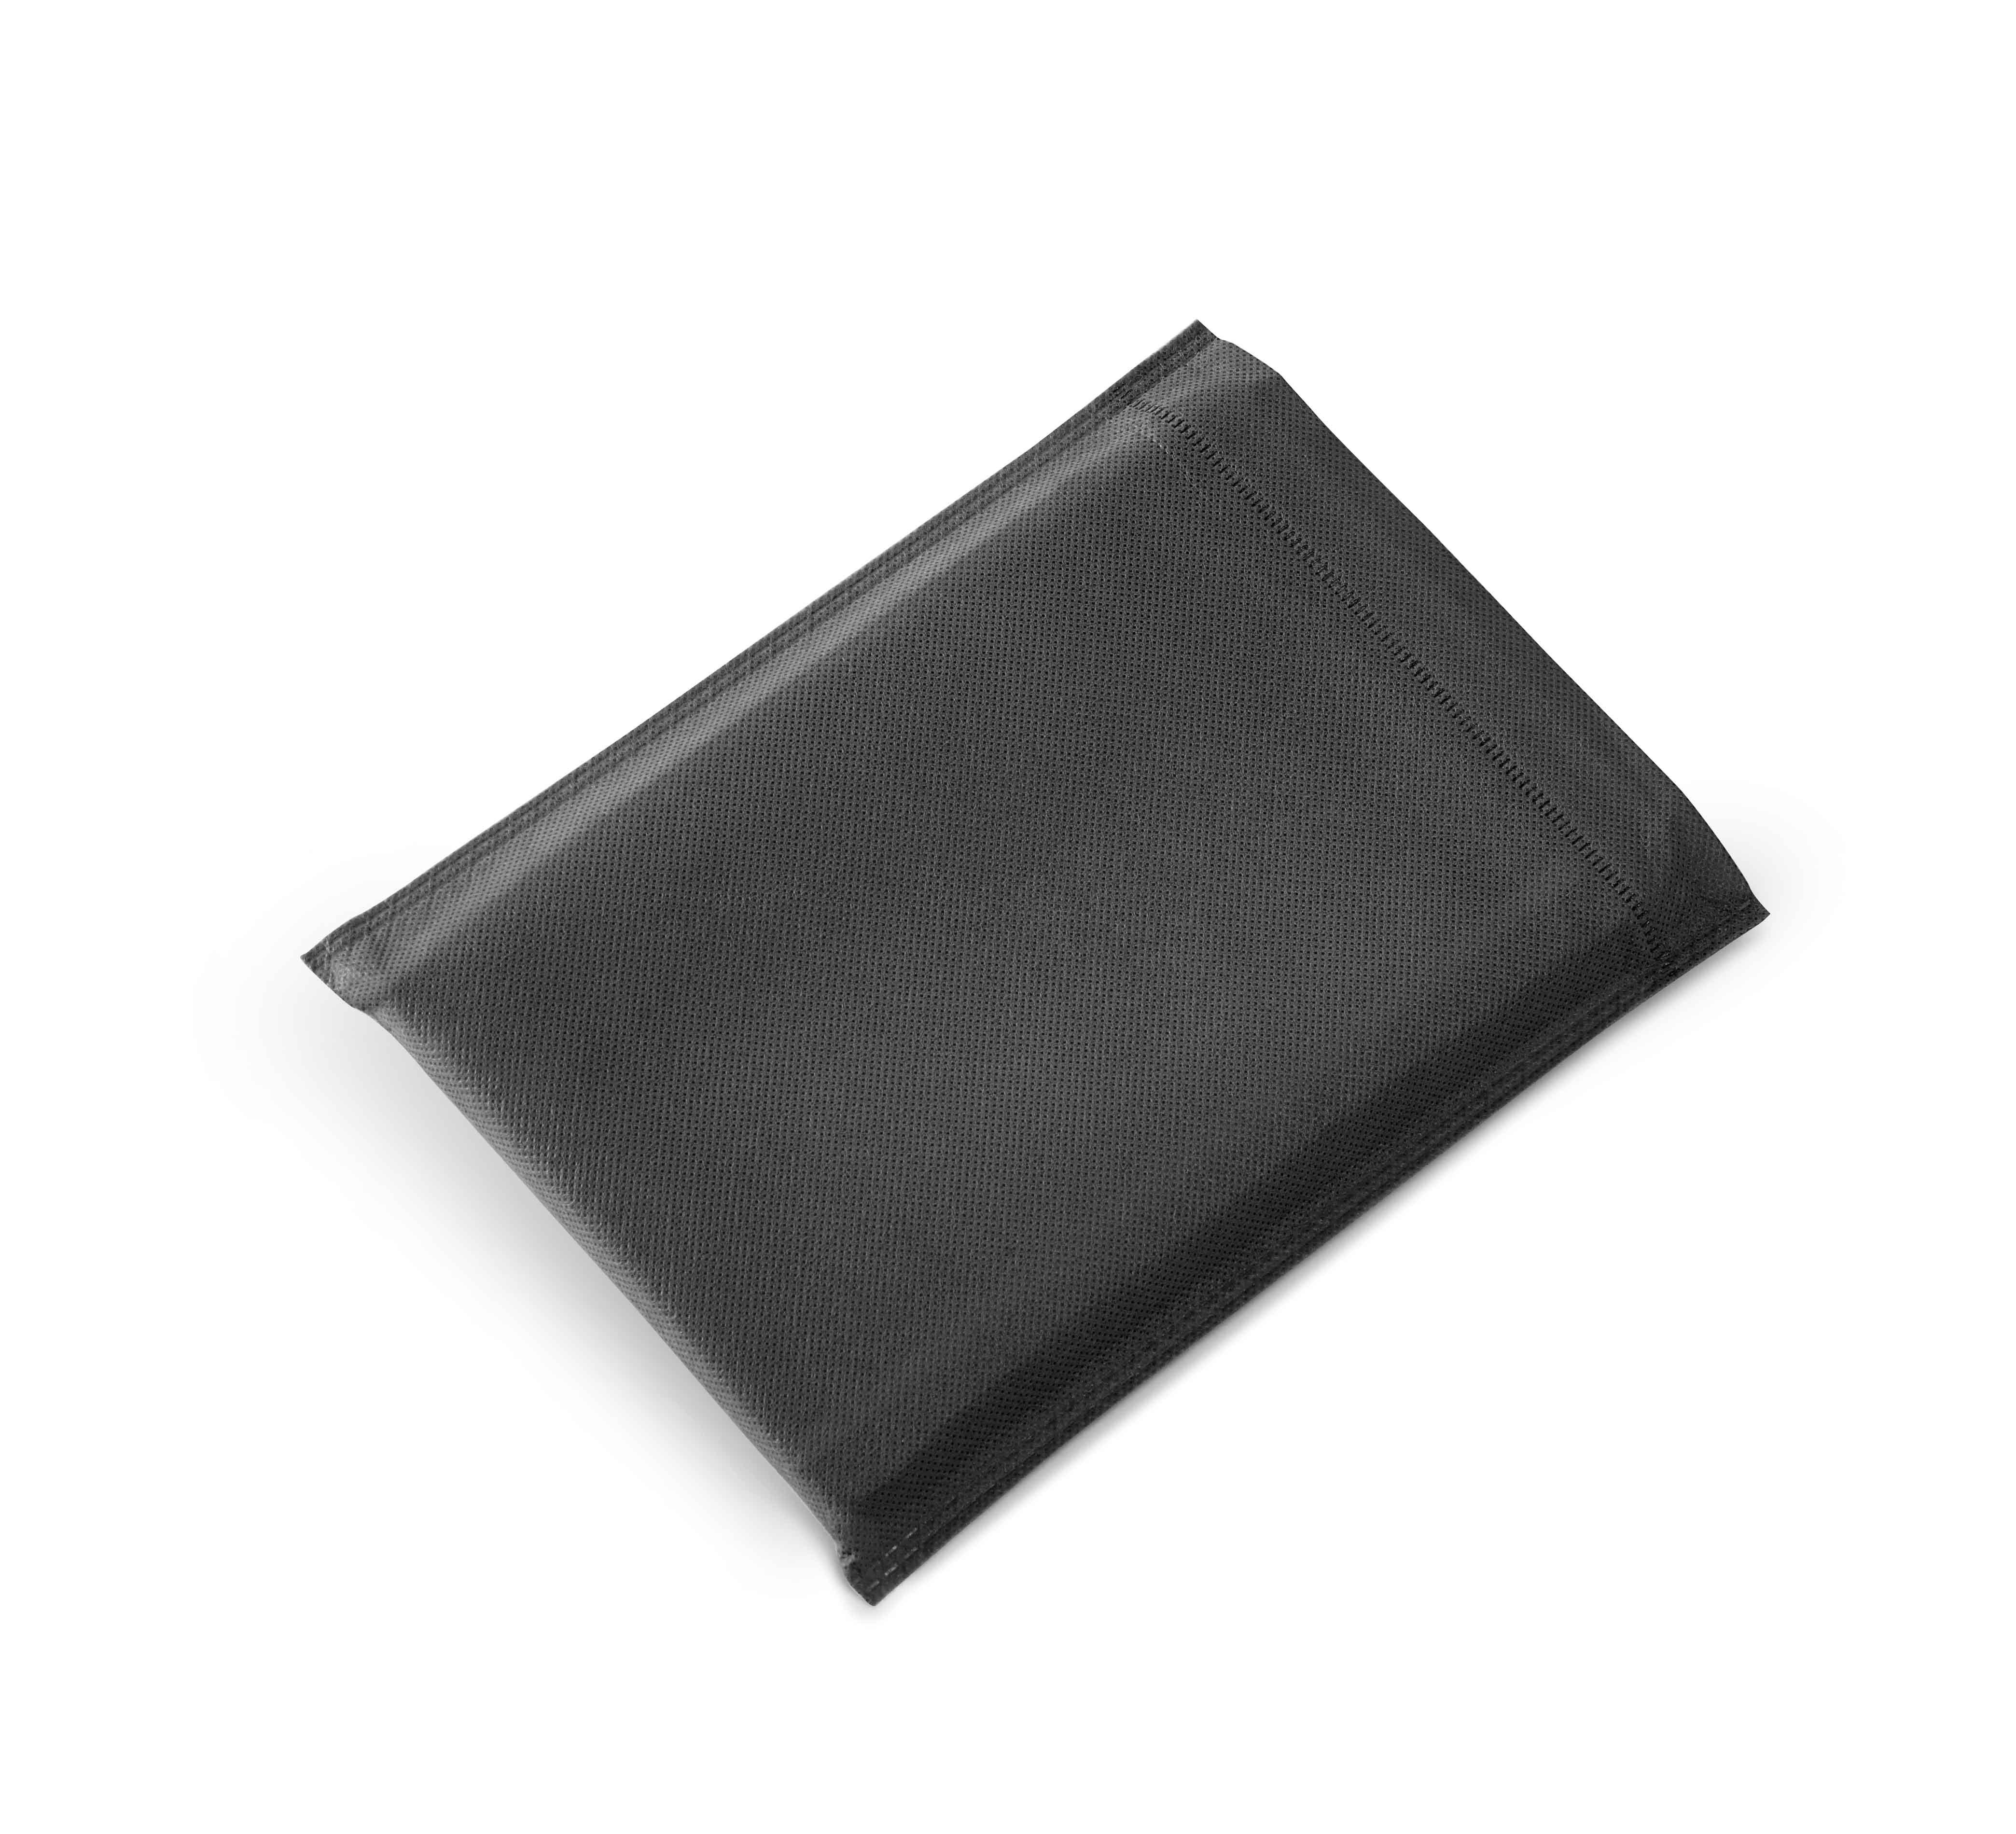 Bloc-notes avec couverture rigide - 26-1108-8